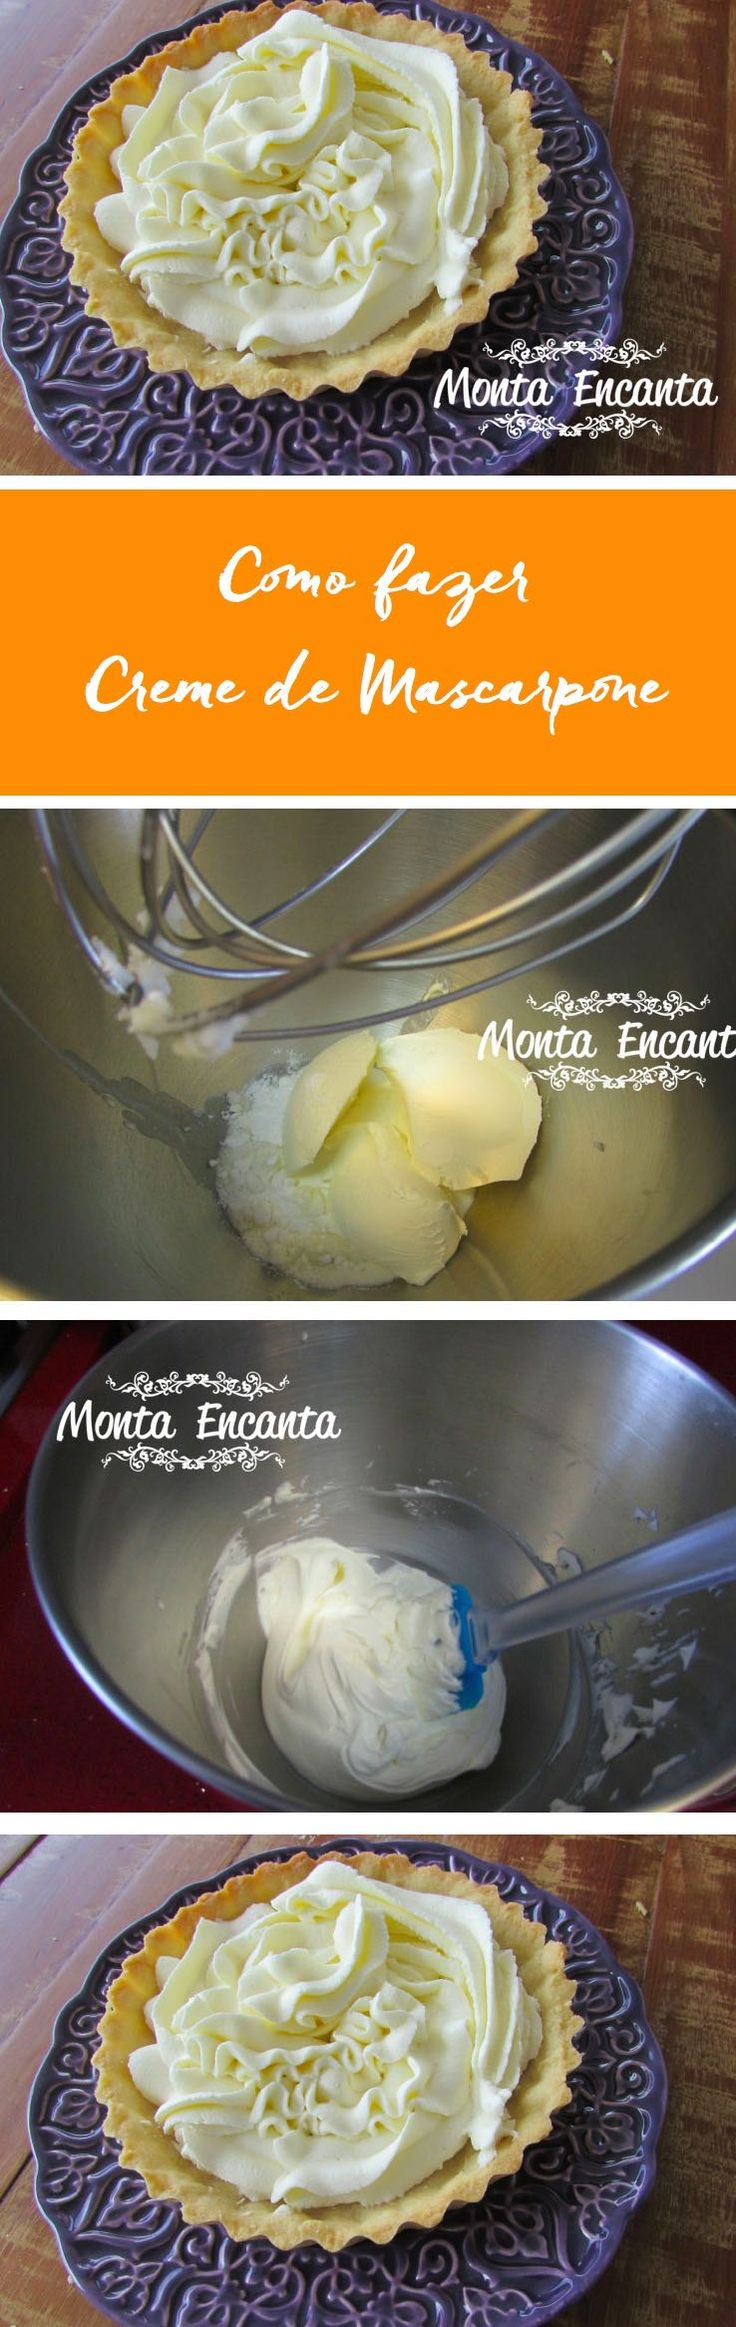 Como preparar Creme de Mascarpone em dois minutos! Fácil Fácil e delicioso!